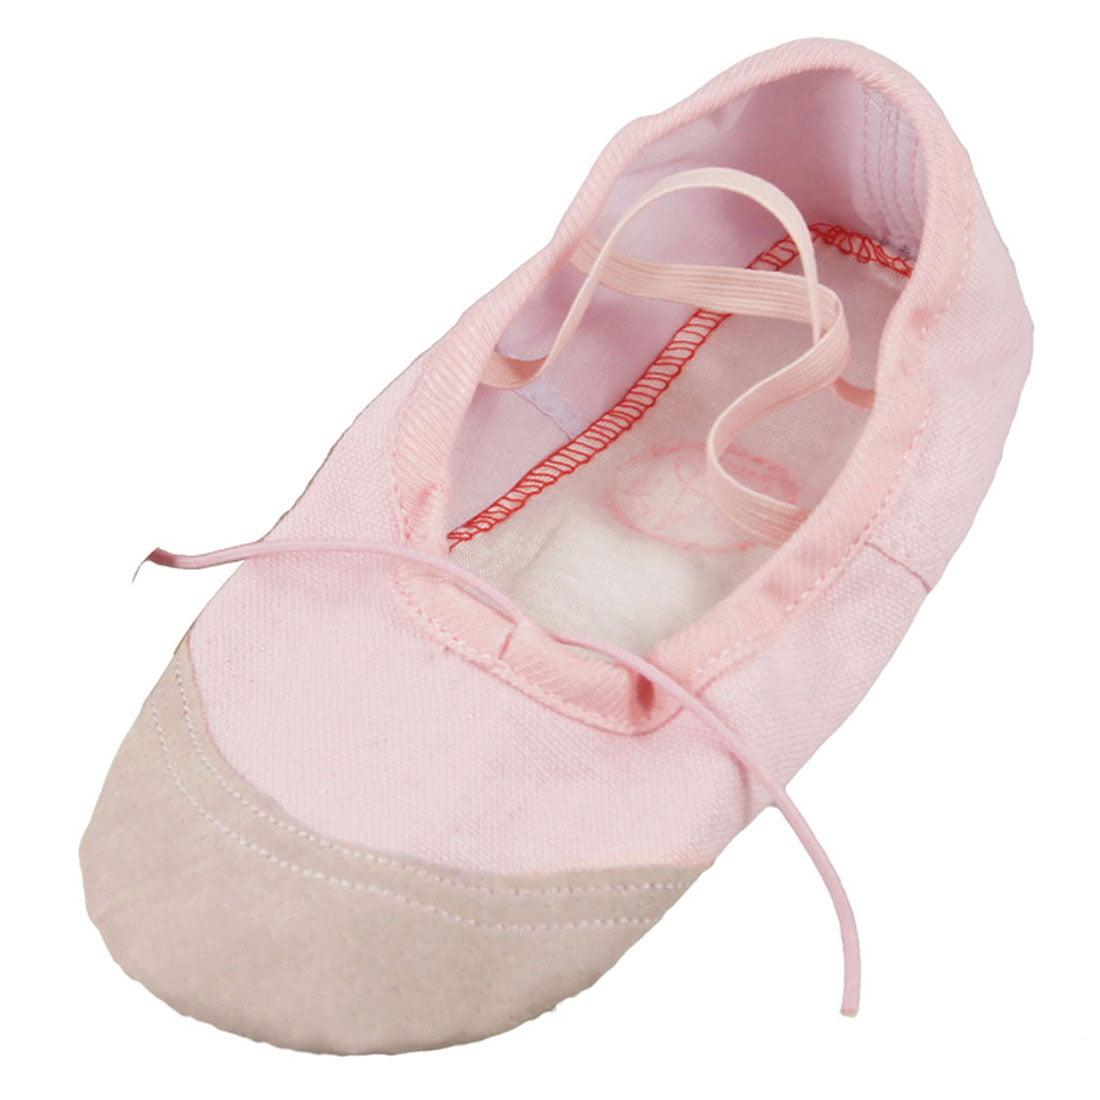 ec070b4c0a5b Lady 34 Light Pink Faux Leather Split Sole Canvas Dancing Ballet ...